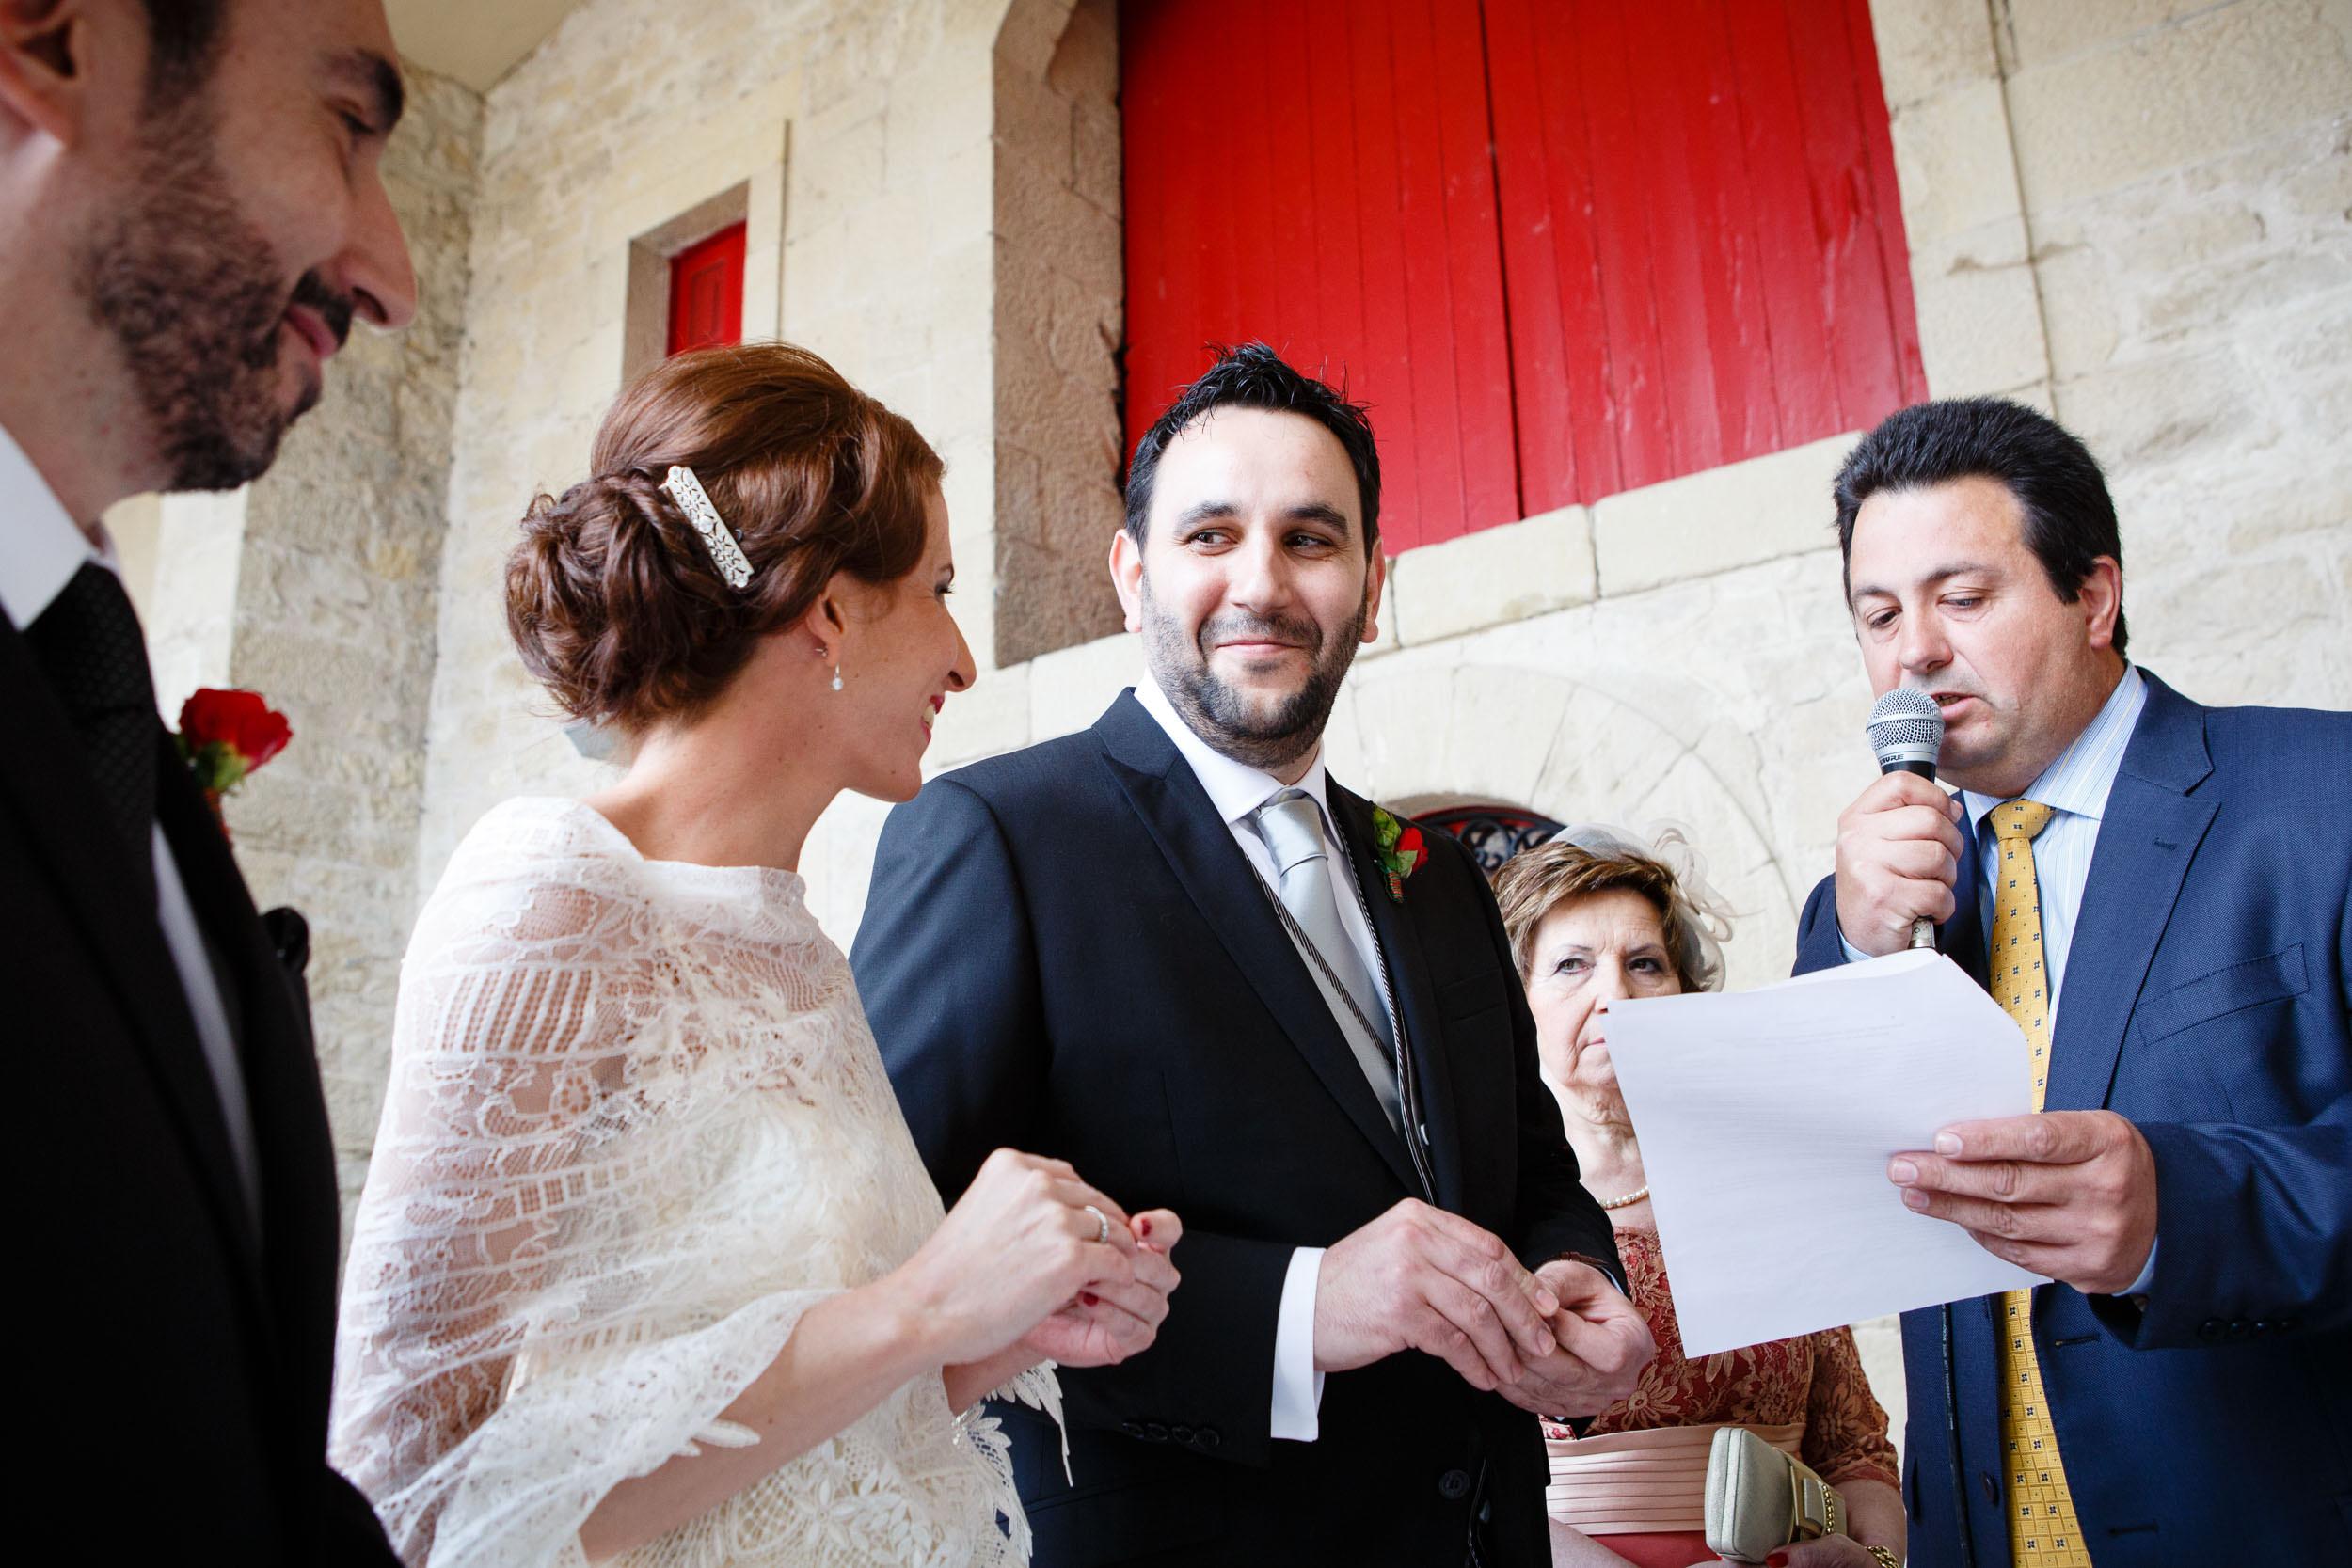 1/6/13 Boda de Maluke y Eduardo, Hotel Marqués de Riscal, Elciego, Alava, País Vasco, España. Foto de James Sturcke Fotografía   www.sturcke.org